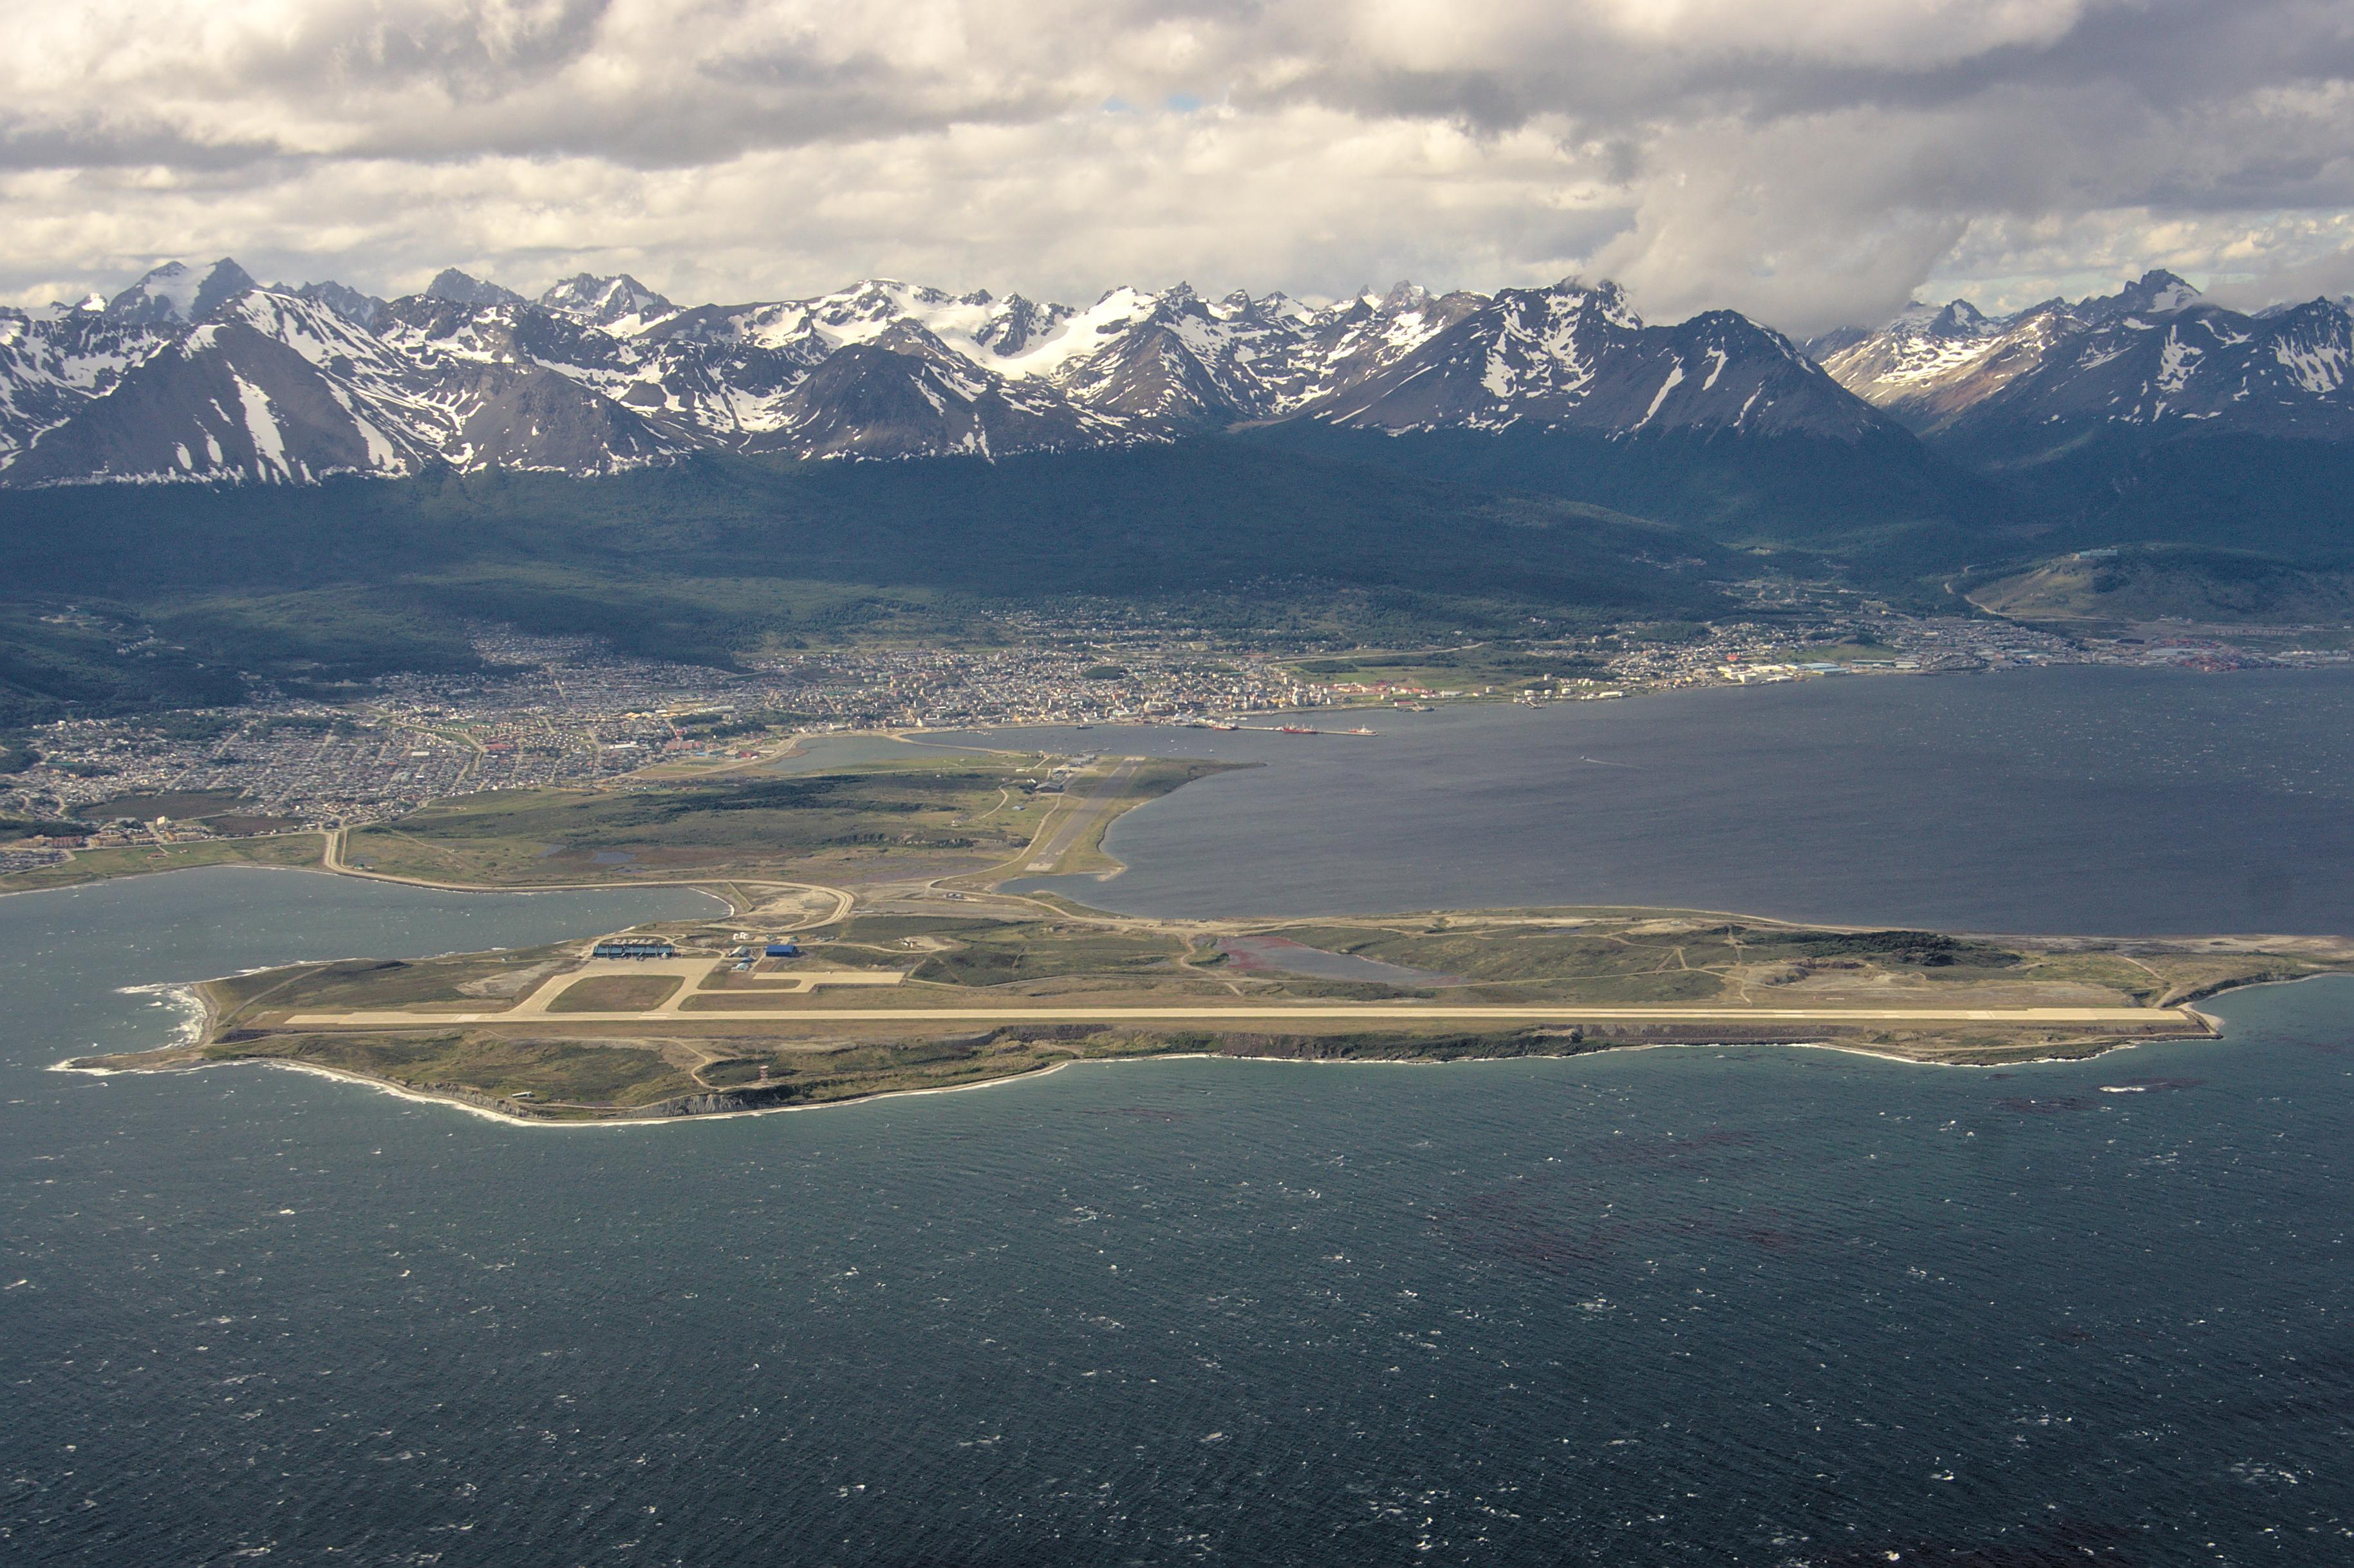 Depiction of Aeropuerto Internacional Malvinas Argentinas